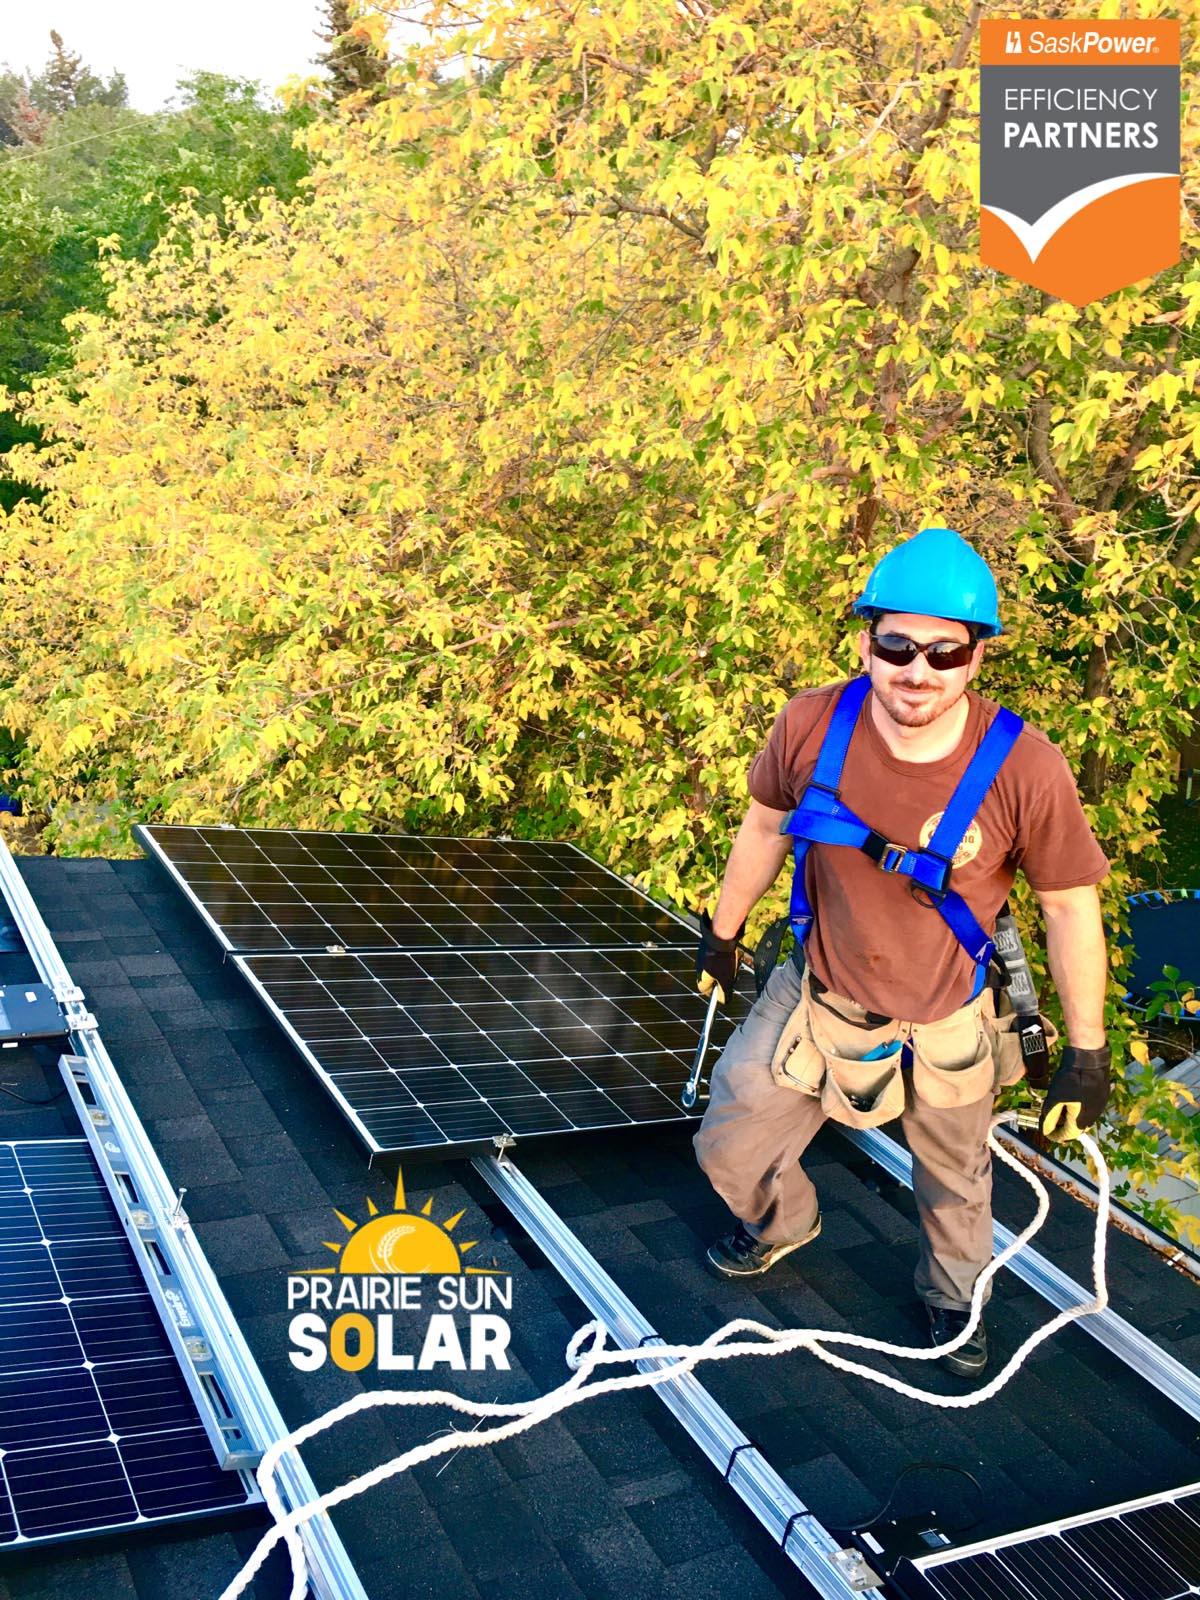 solar safety-prairie sun solar